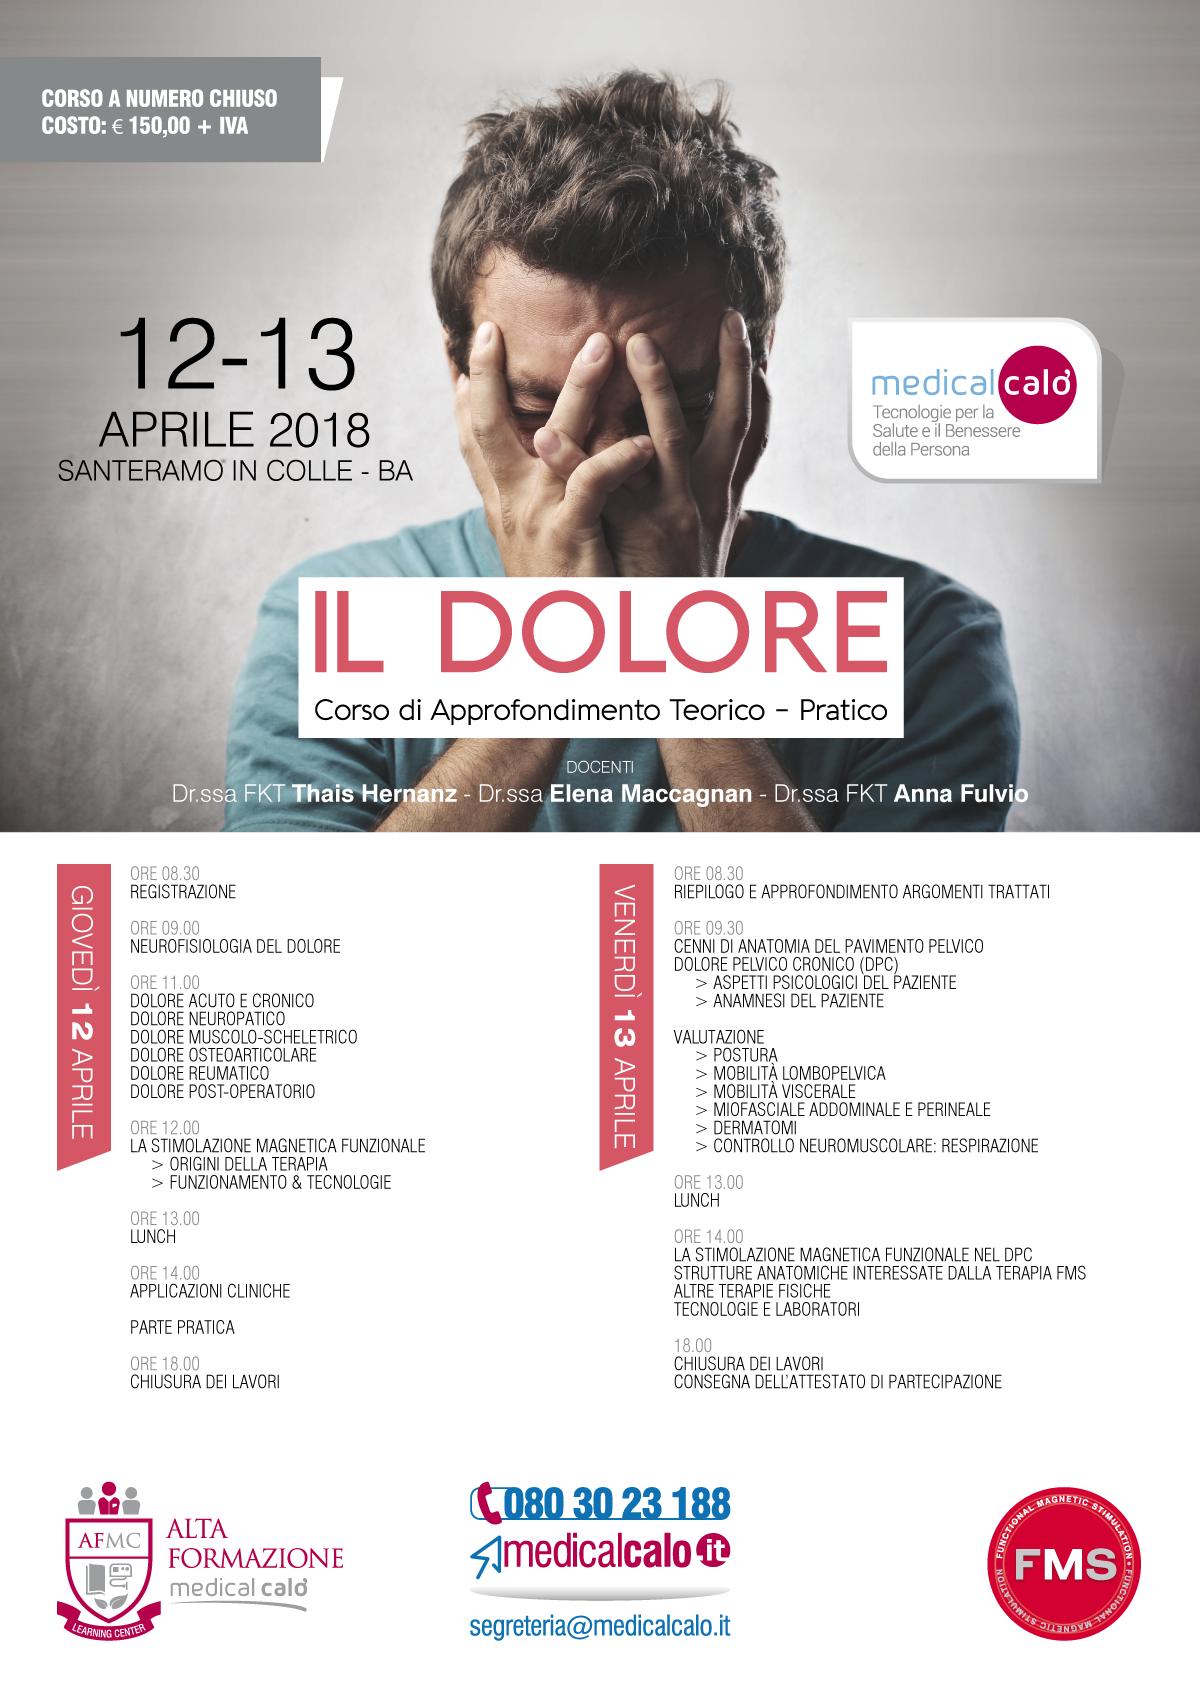 locandina_corso_IL-DOLORE_aprile2018